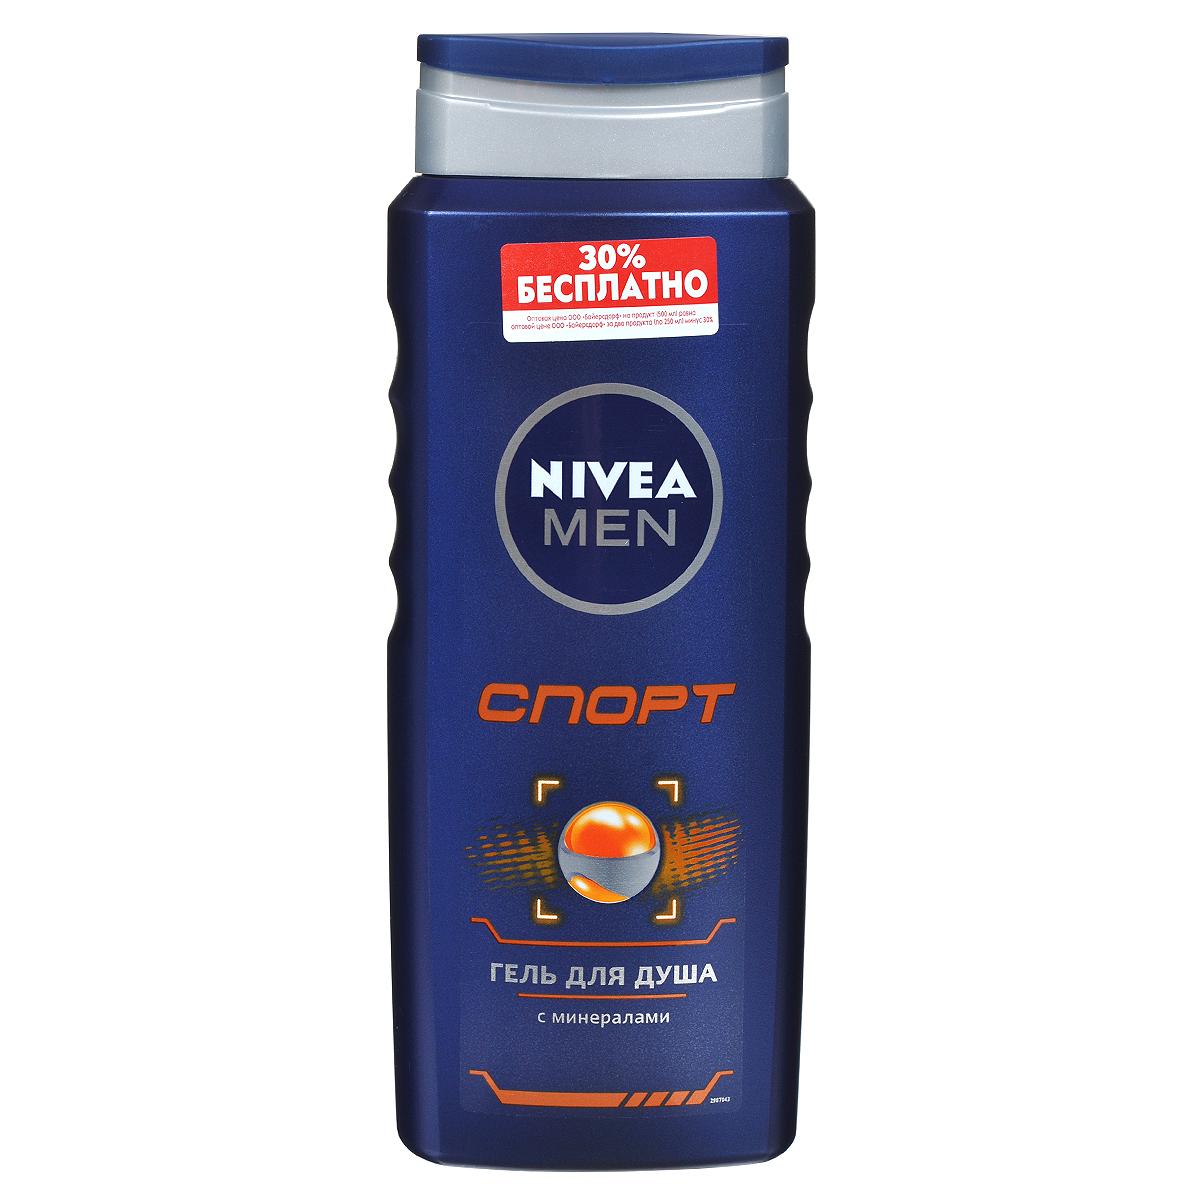 NIVEA Гель для душа Спорт 500 млFS-00897•Ухаживающая формула геля обеспечивает интенсивное увлажнение, а свежий аромат лайма заряжает энергией на целый день.